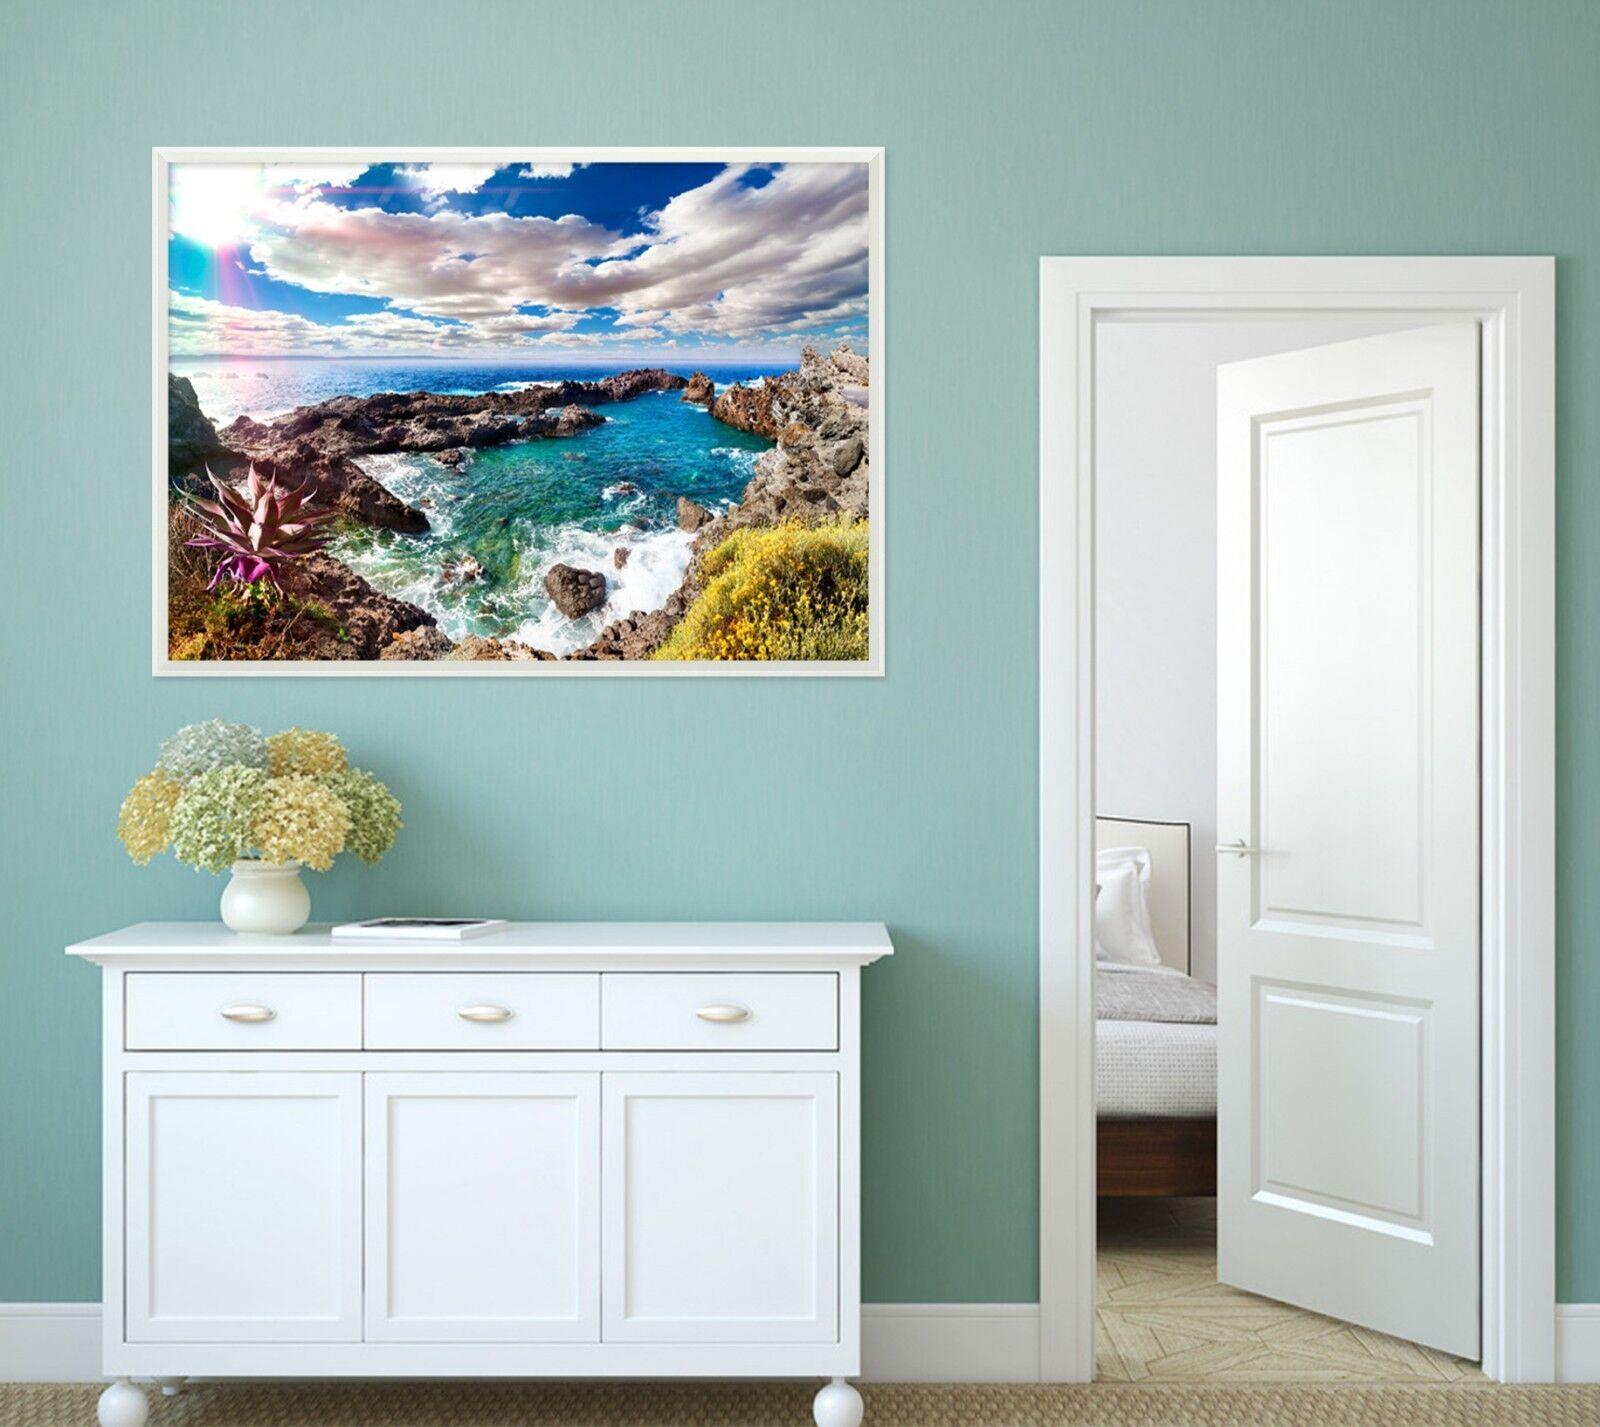 Nube 3D sol paisaje 2 Enmarcado Póster Decoración del Hogar Pintura de Impresión Arte Wallpaper